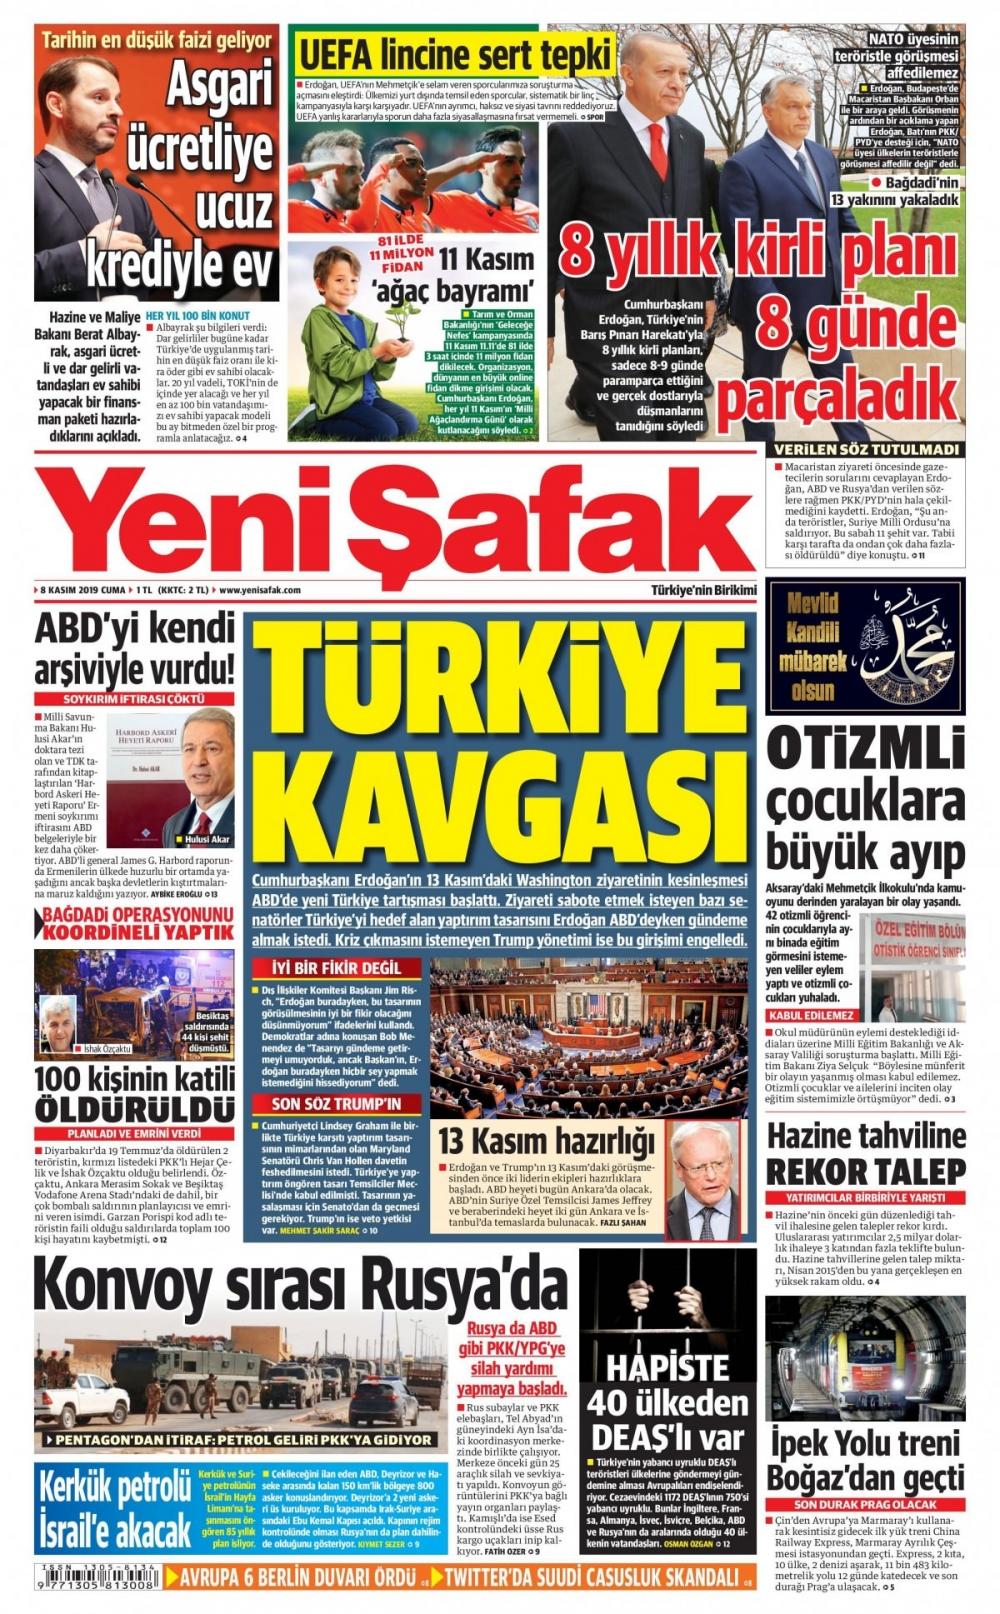 Gazeteler bugün ne yazdı? (8 Kasım 2019) 1